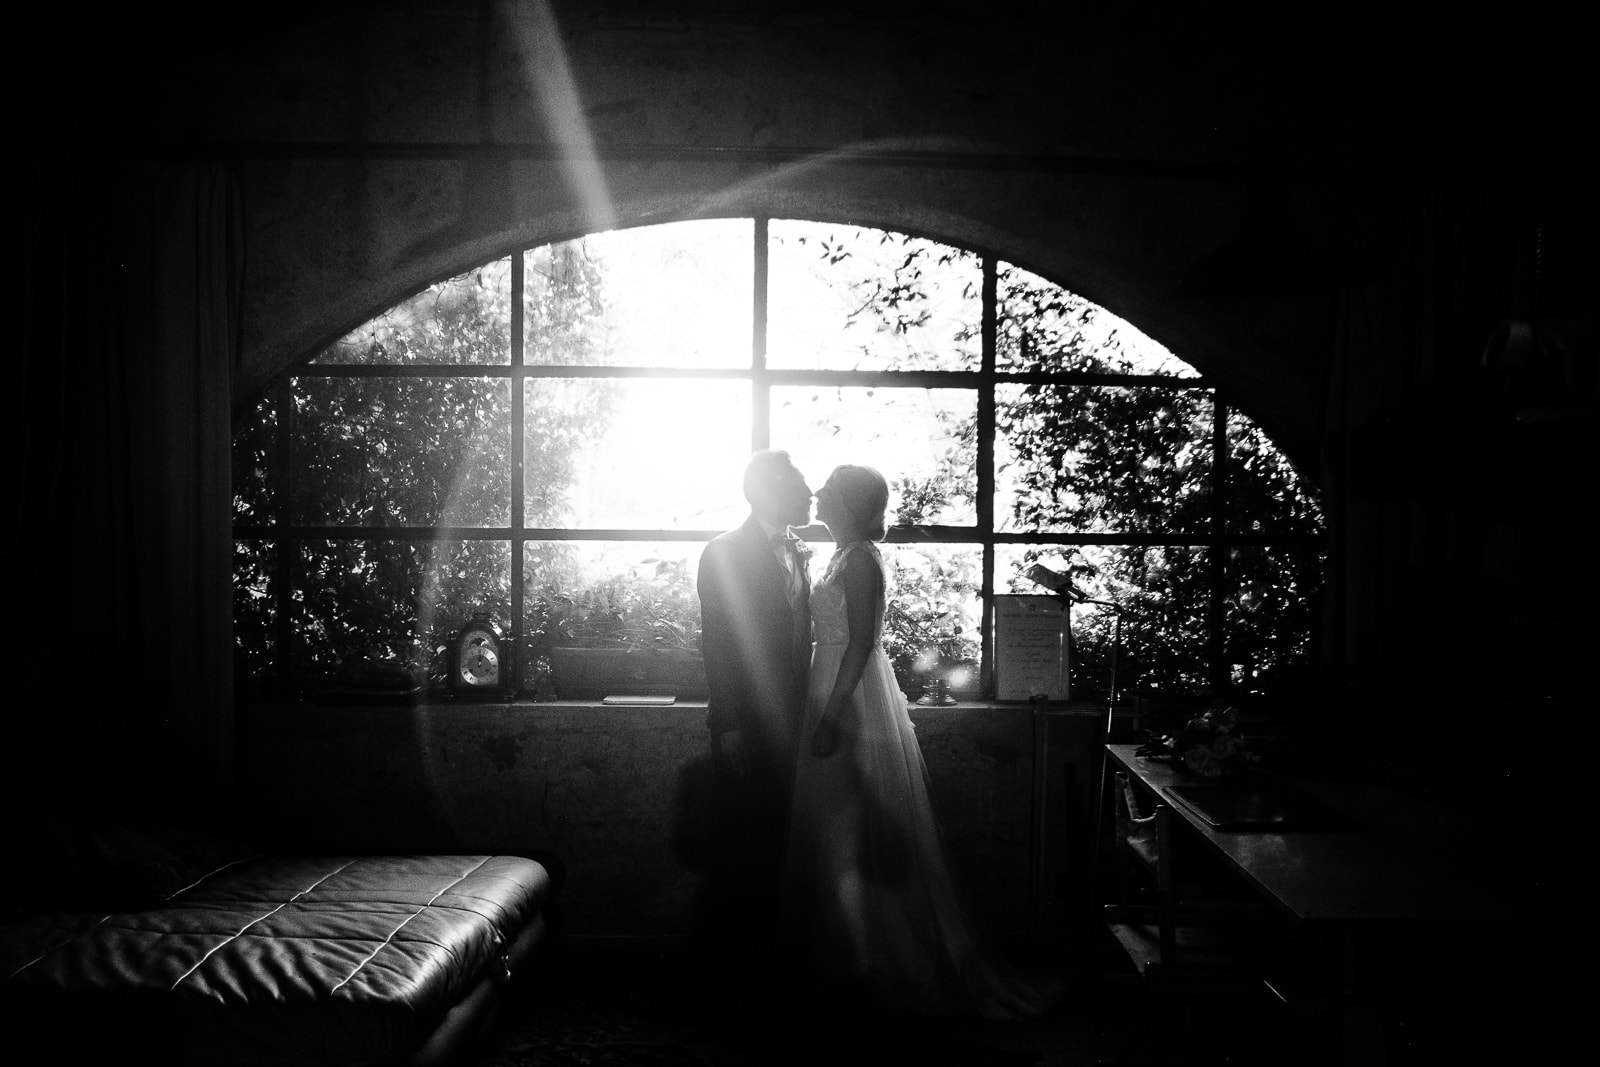 matrimonio_bomarzo_il giardino e la dimora_ritrattii